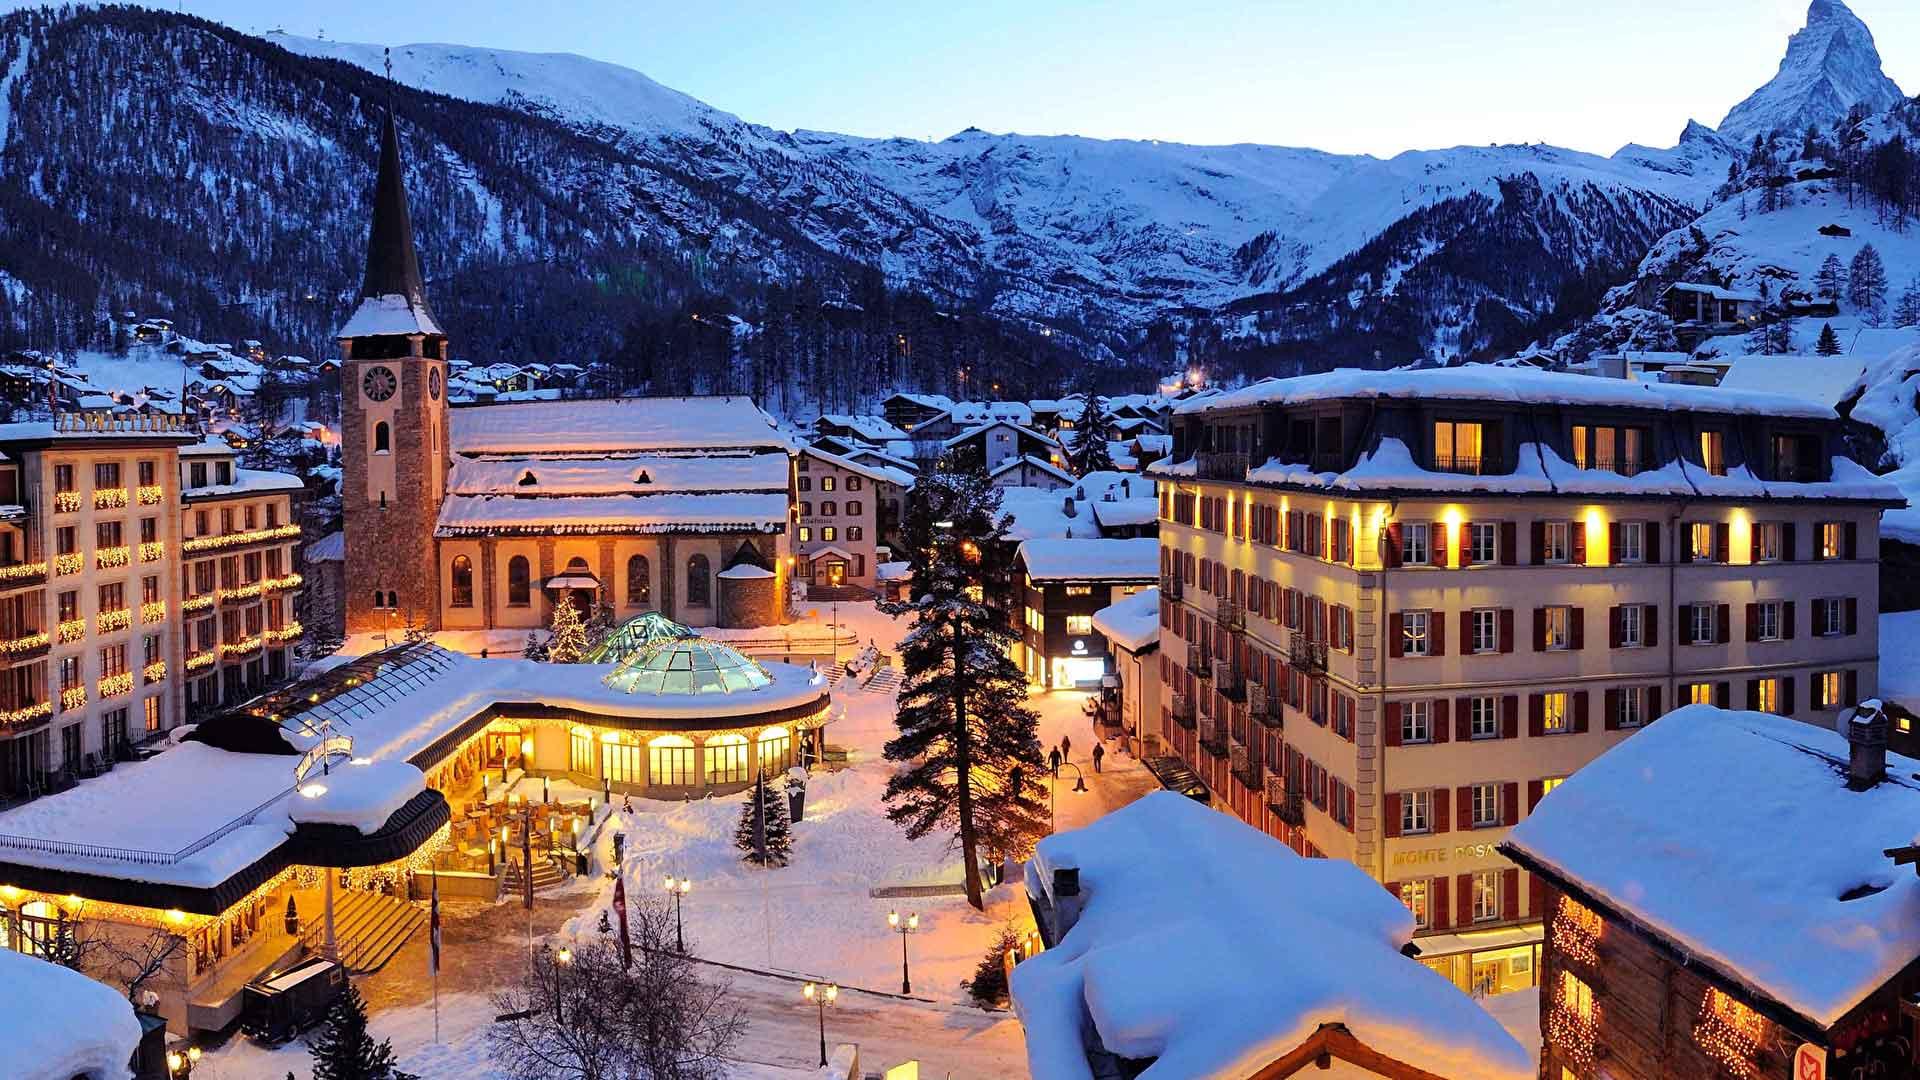 Rent a Luxury Car in Zermatt